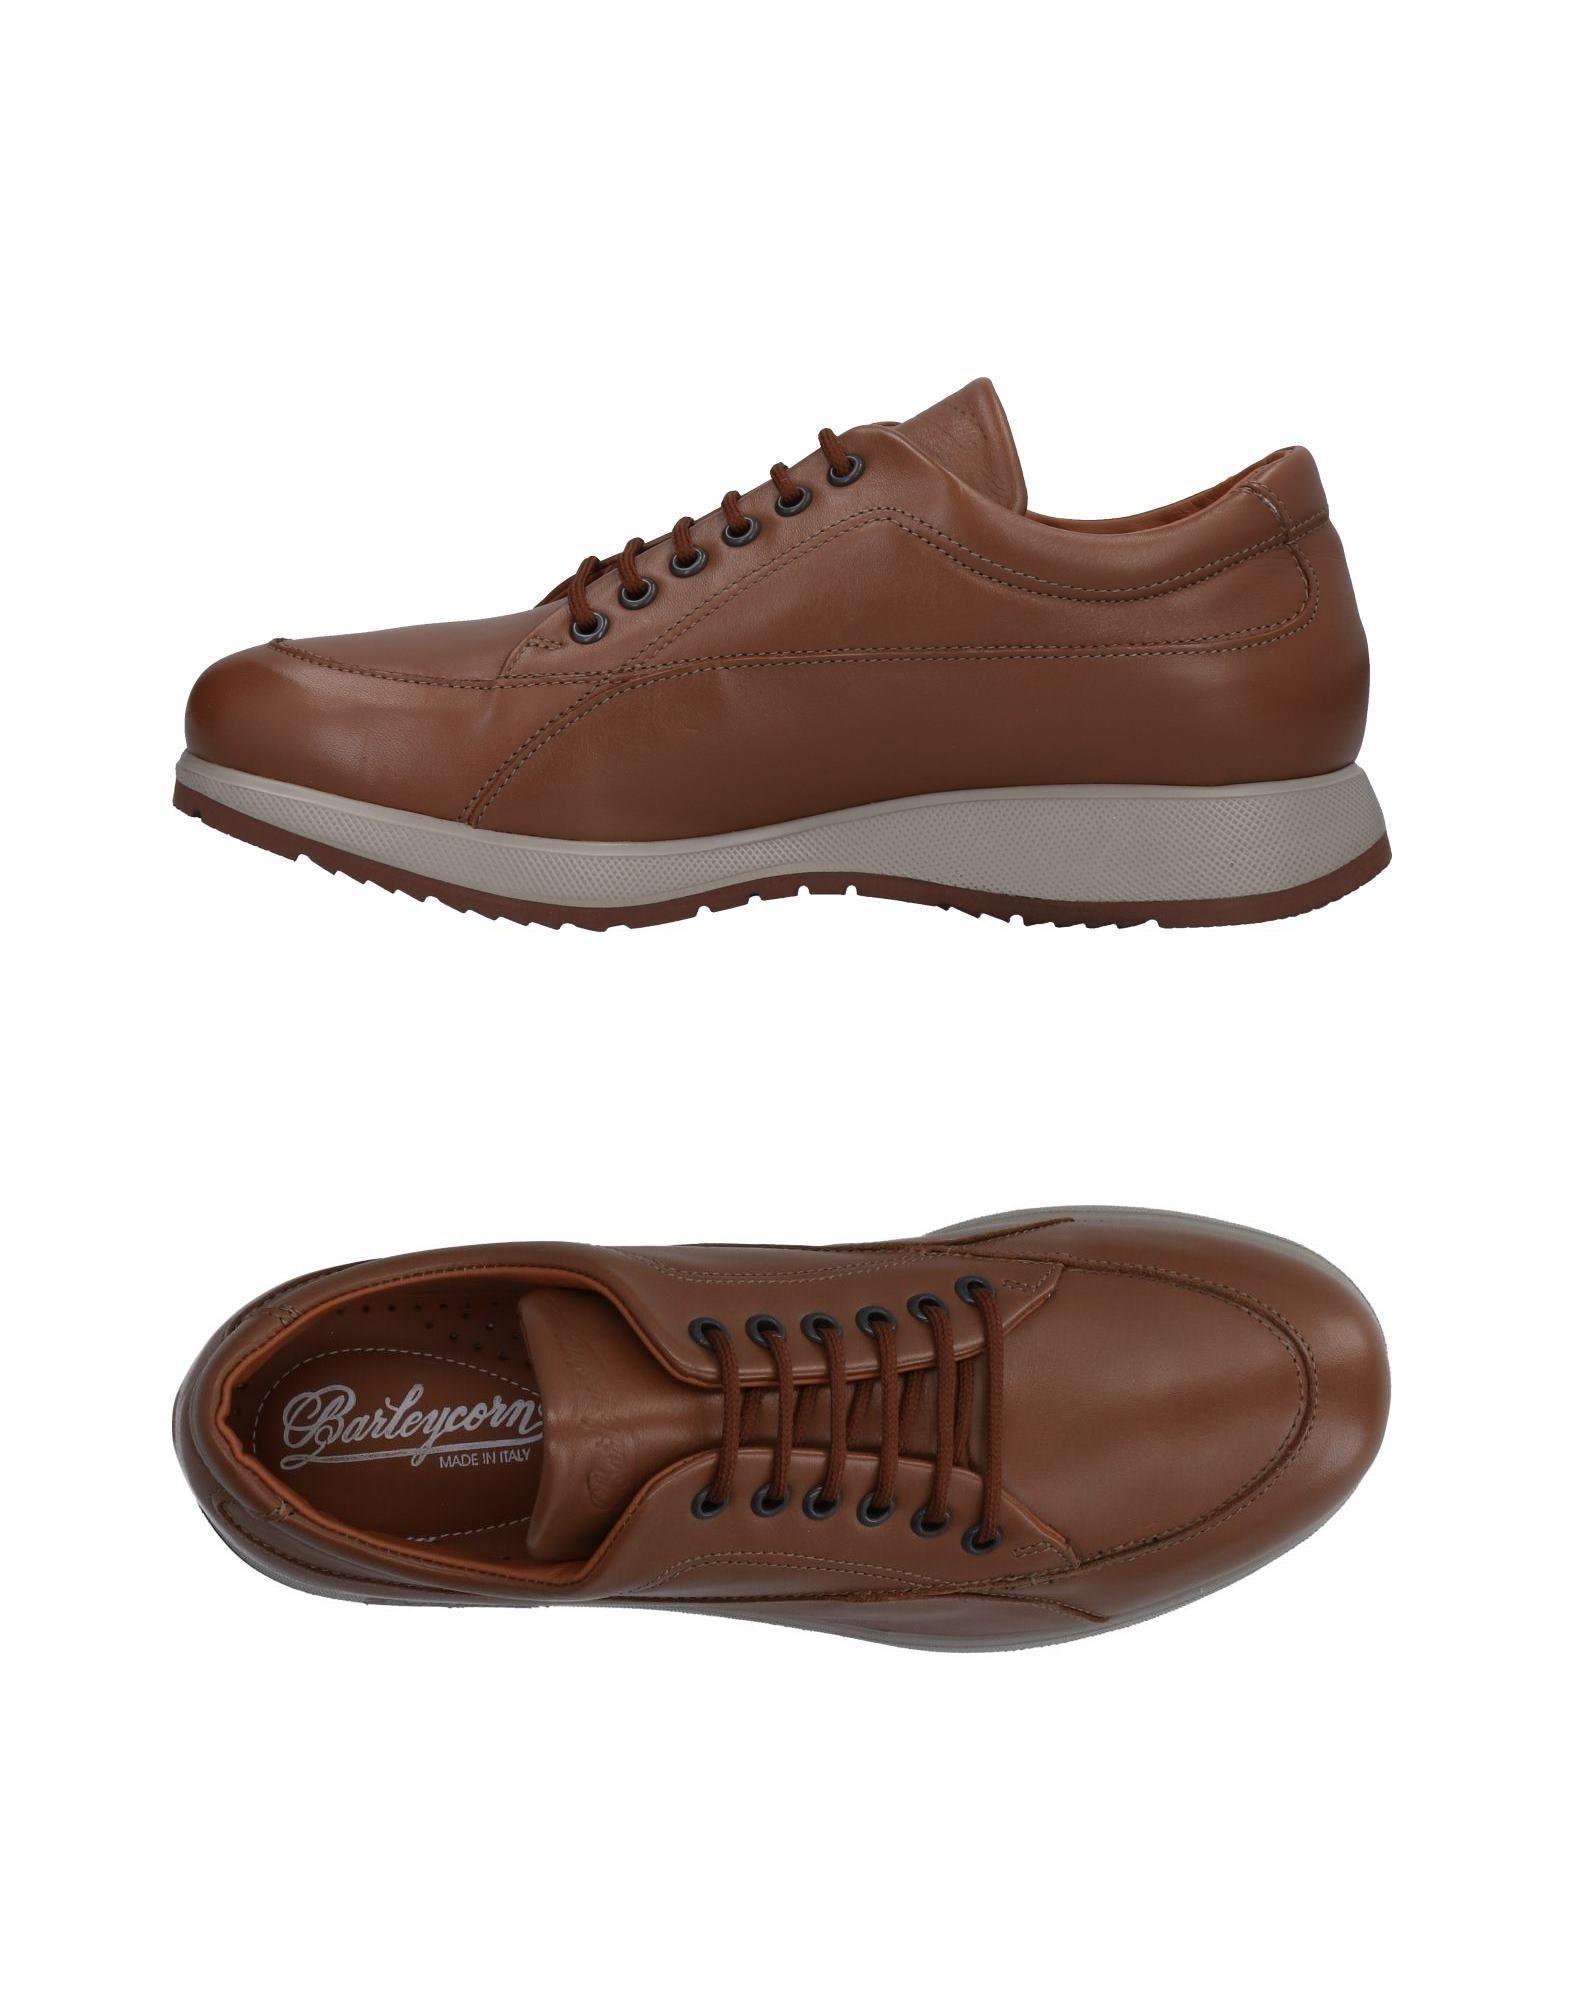 Moda Sneakers Sneakers Moda Barleycorn Uomo - 11473105SG fe858c